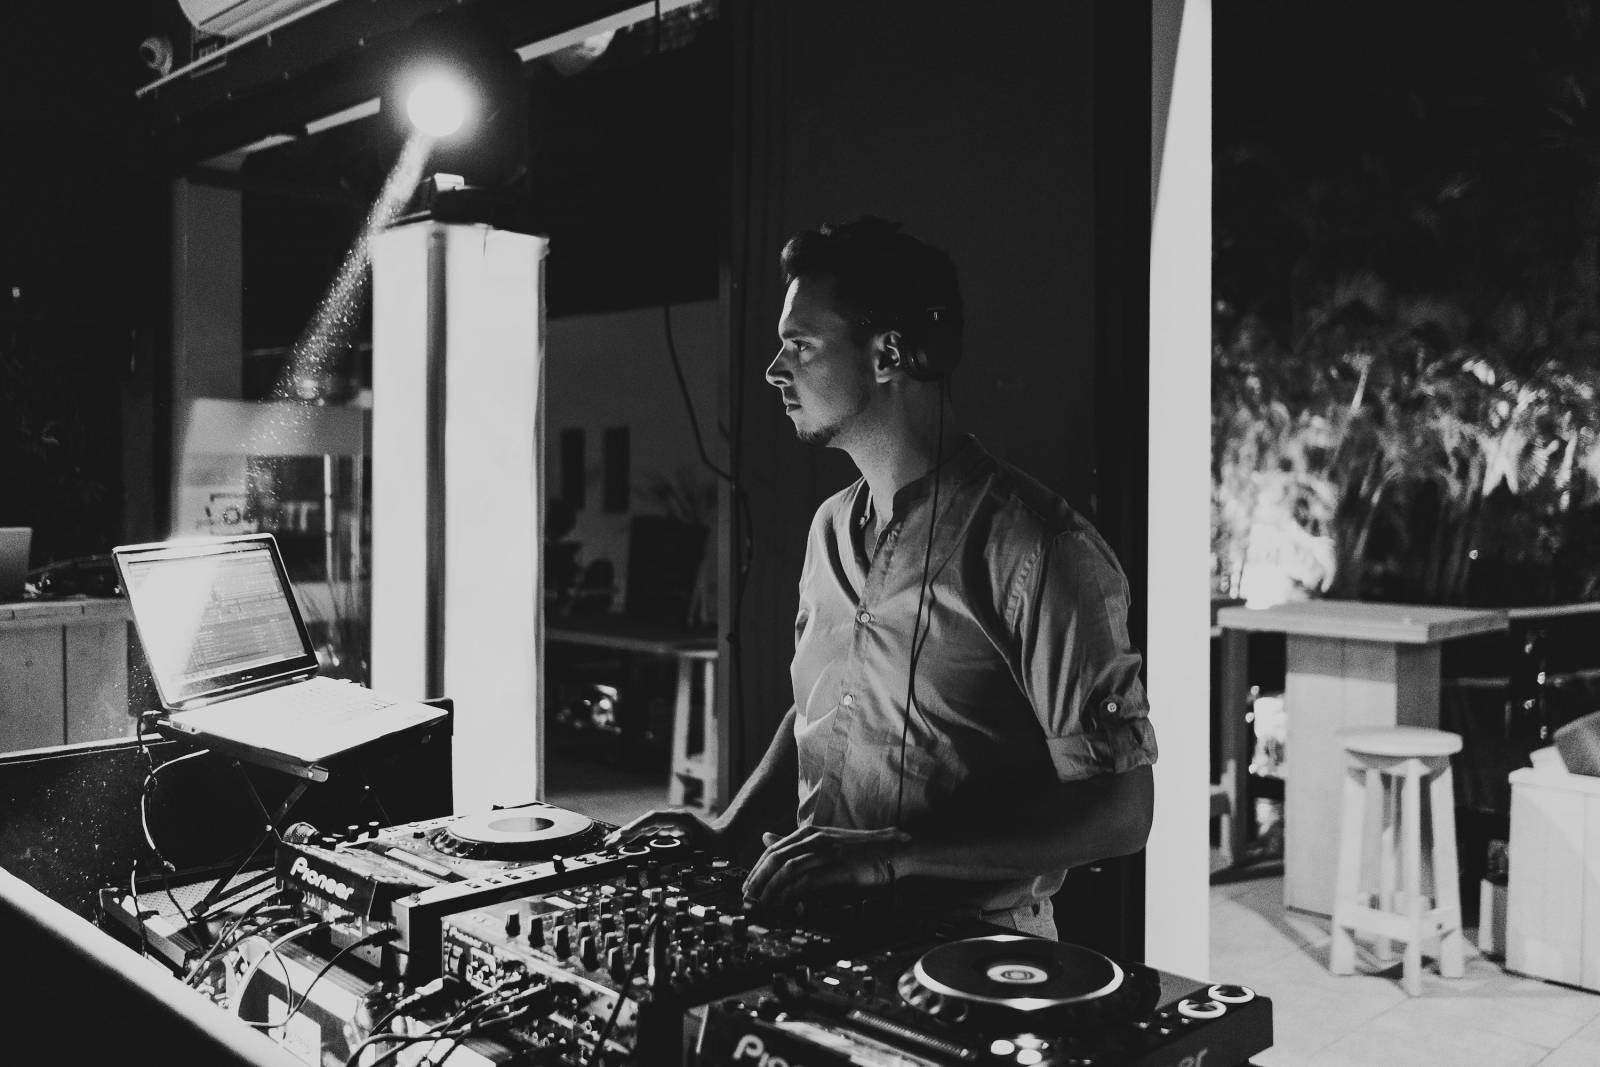 DJ Finch - House of Weddings - 4